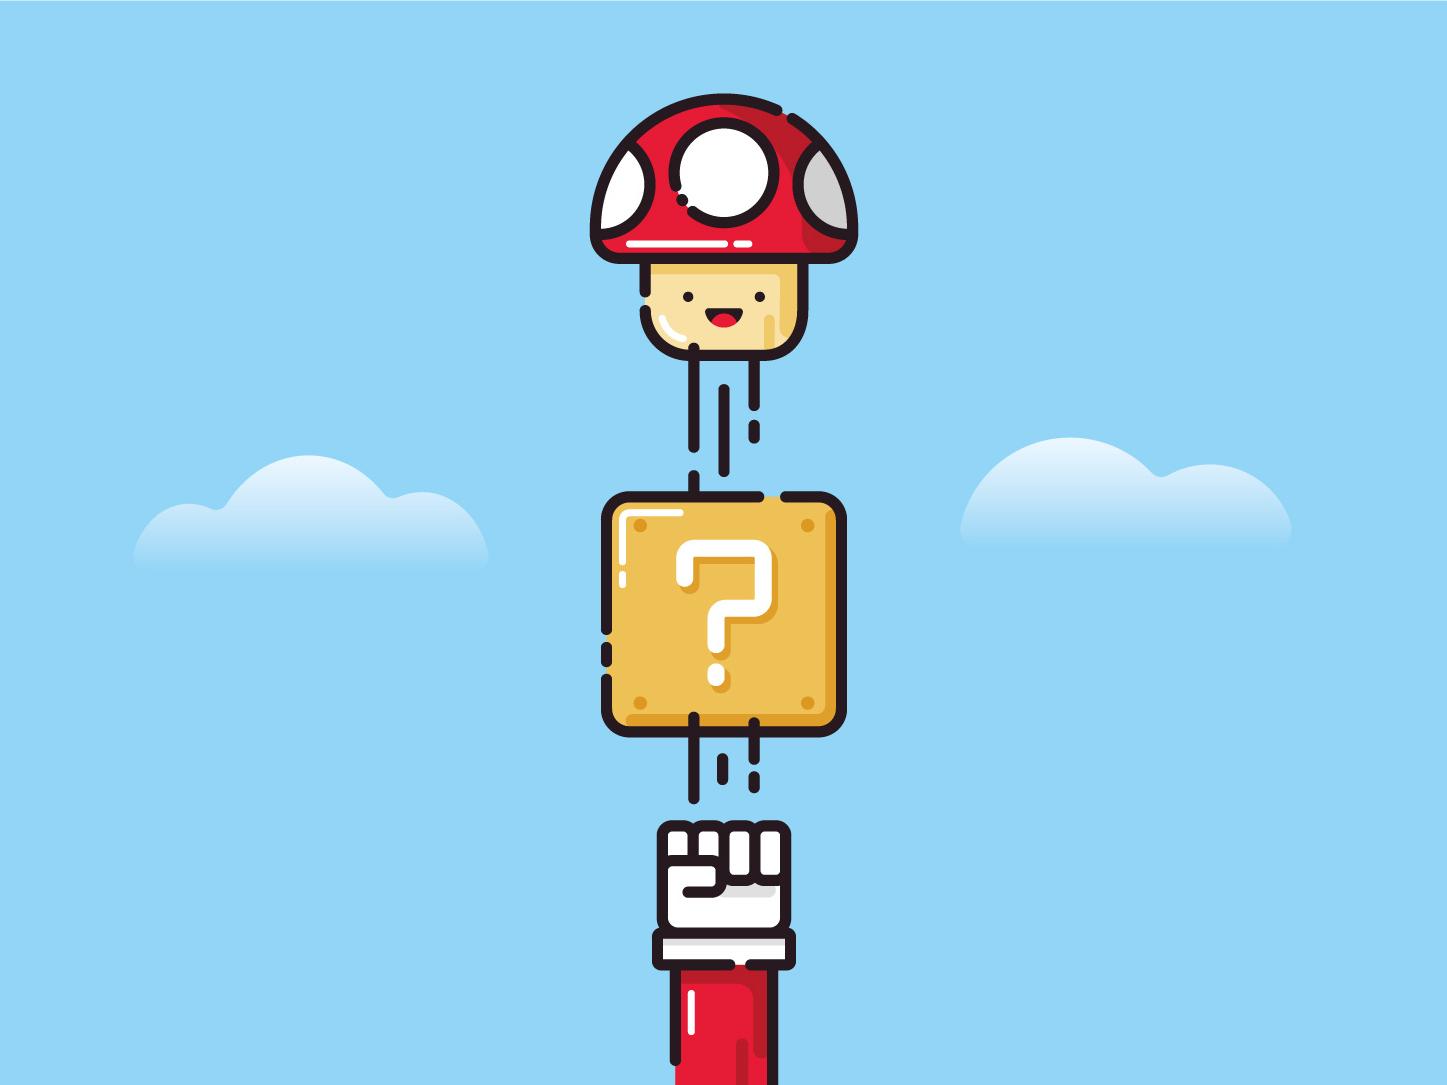 Super Mario Mushroom flat illustration flat design super nintendo fan art vector illustration vector art retro game video game mushroom super mario adobe illustrator